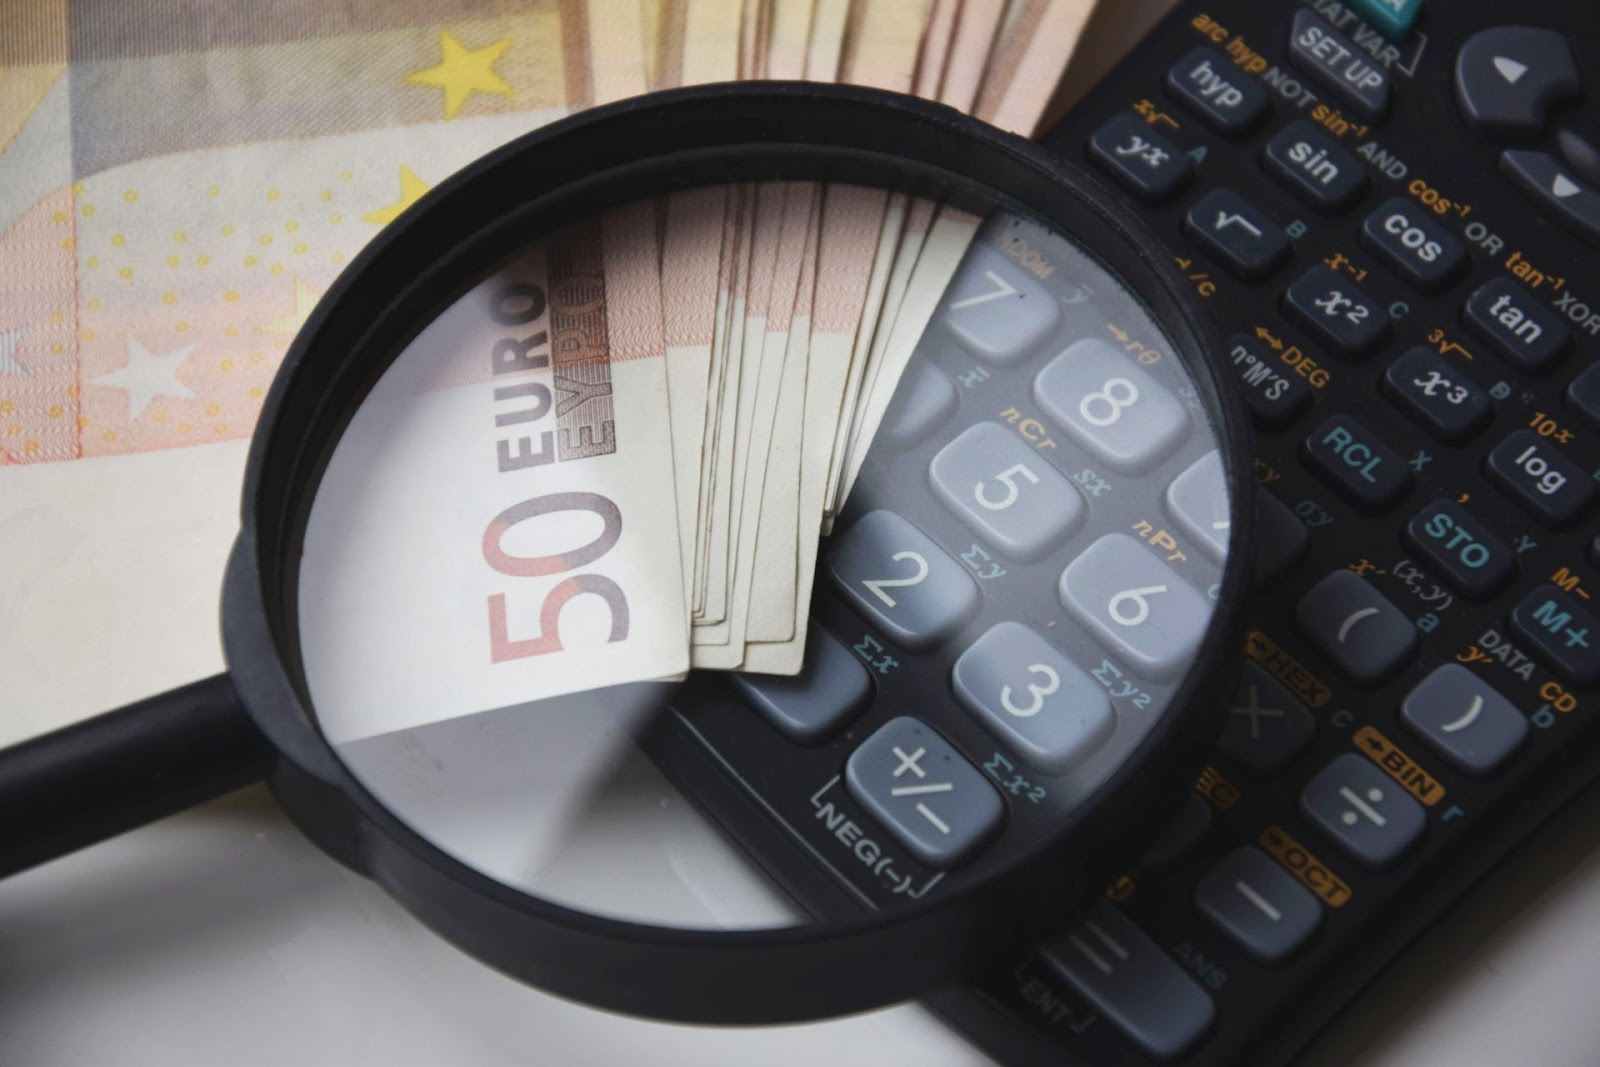 Lupa, calculadora e dinheiro em notas